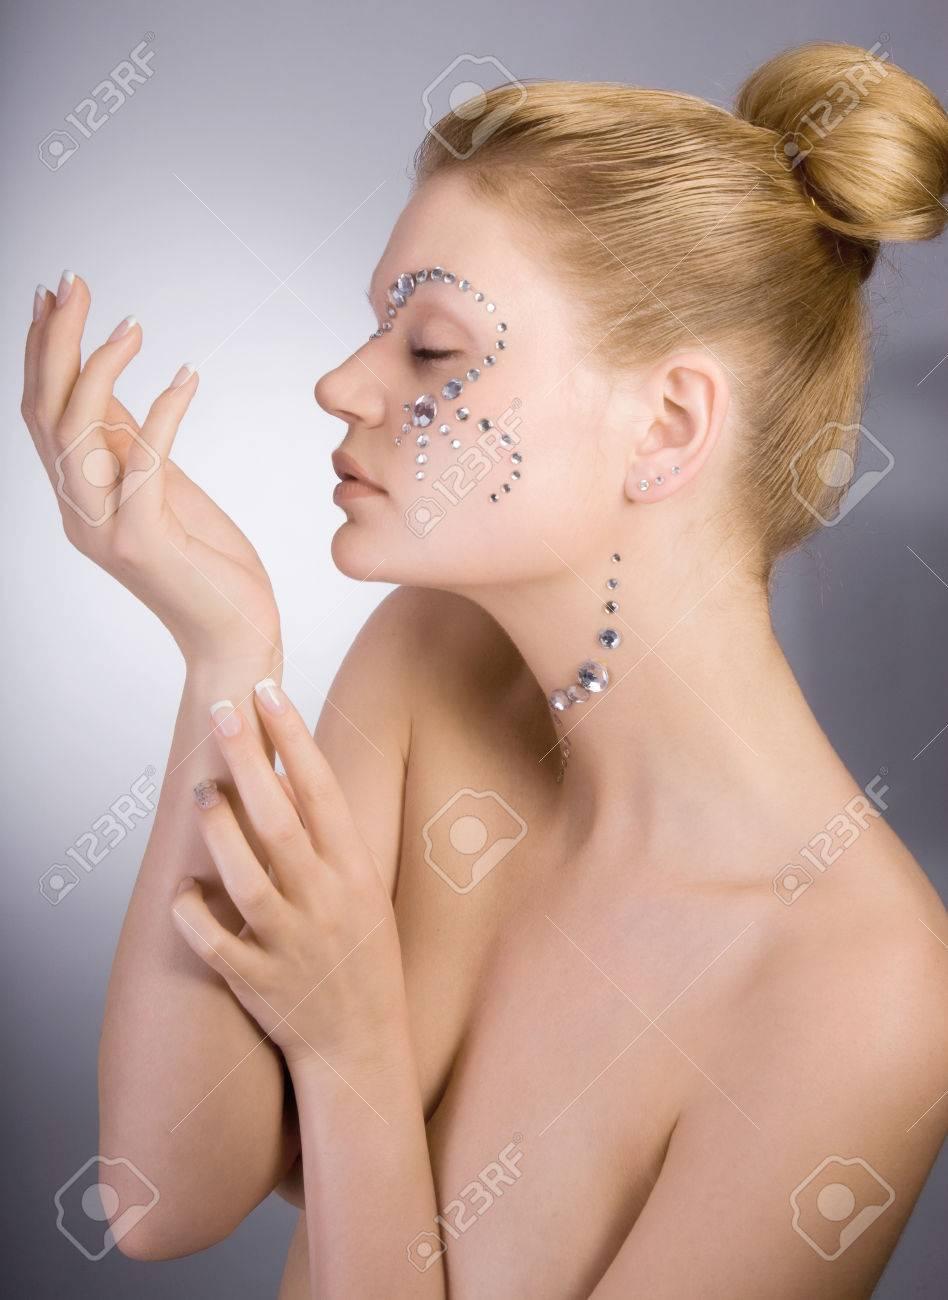 Modelo De Moda Femenina Con Una Decoración Espejo En La Cara Fotos ...